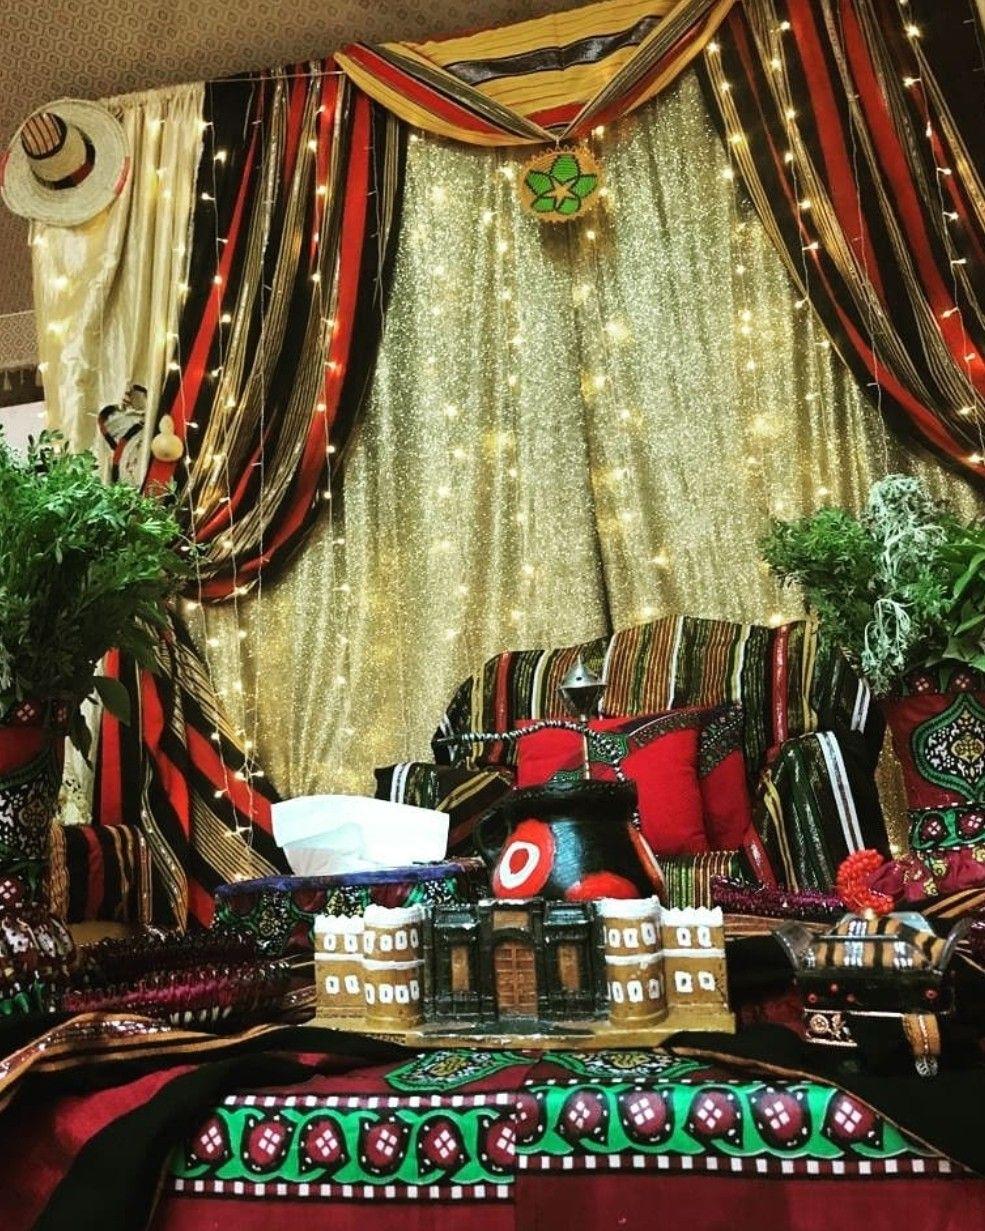 كوشه عروس في ليله الحناء بلطراز اليمني الصنعاني الاصيل Wedding Stage Decorations Bride Photoshoot Stage Decorations